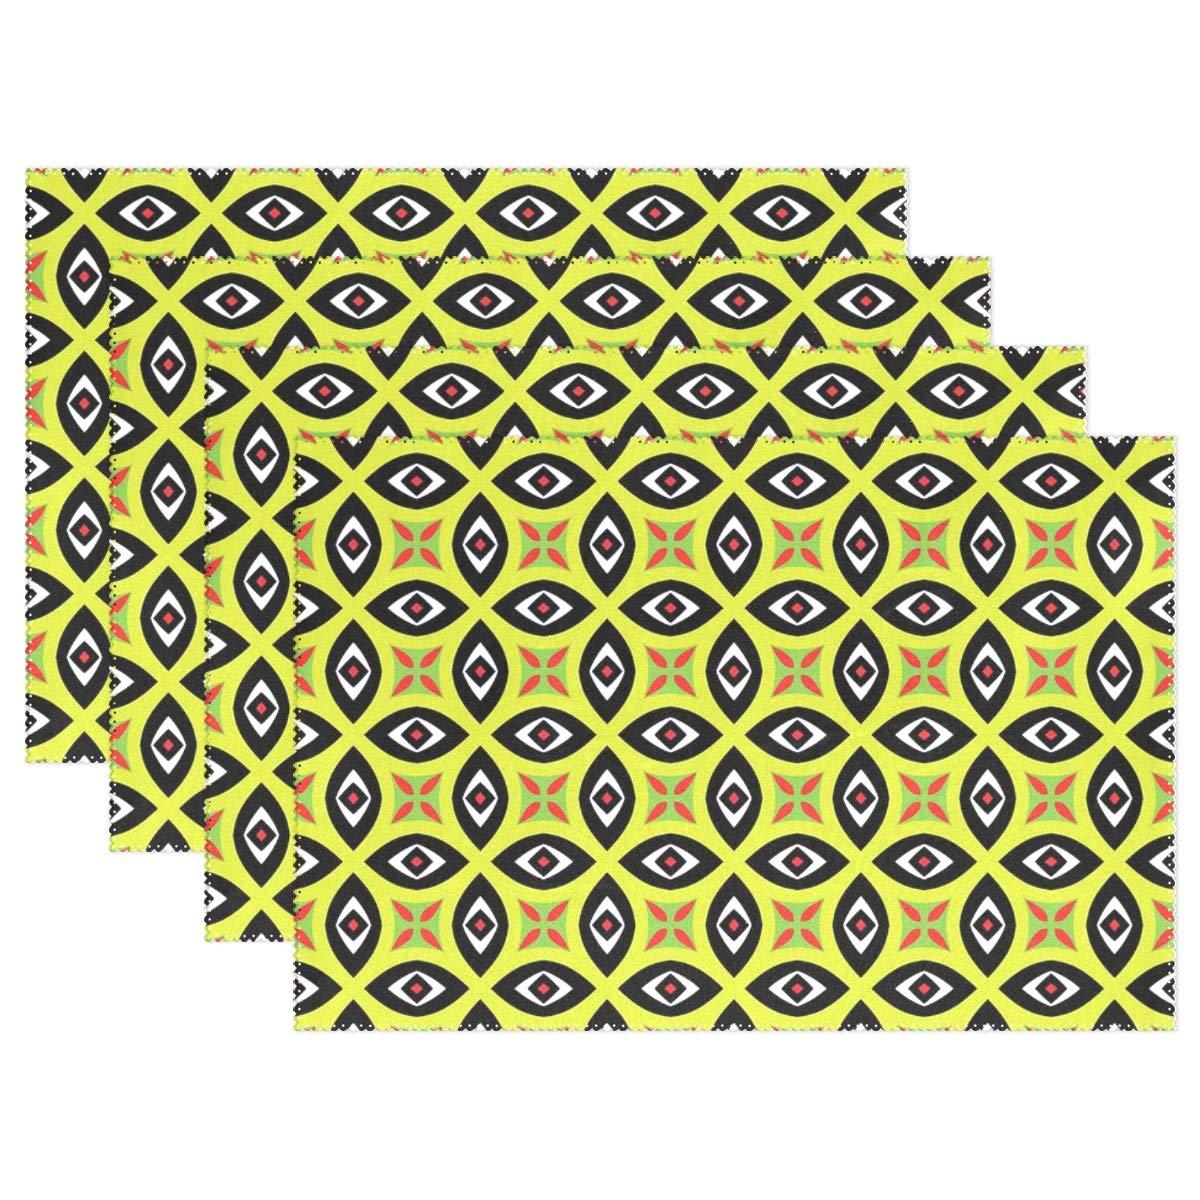 パターン アイ グリーン ブラック デザイン シームレス テクスチャ プレースマット 4枚セット 断熱 汚れにくい ダイニングテーブル 耐久性 ノンスリップ キッチン テーブル プレースマット   B07G85NNRT